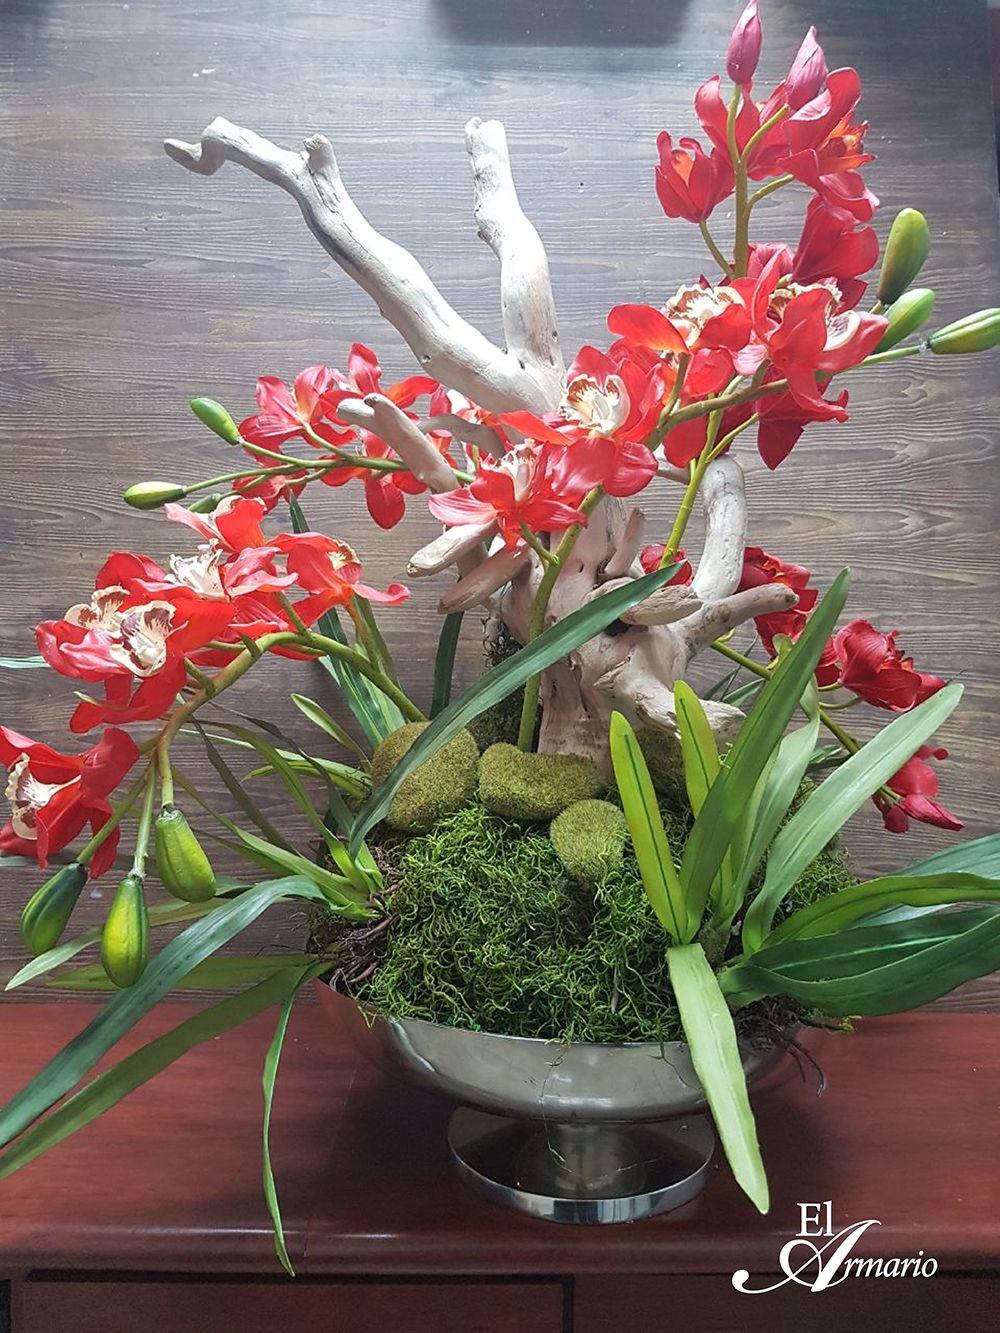 Arreglos De Orquideas Rojas Y Hojas De Orquideas Con Troncos De Madera